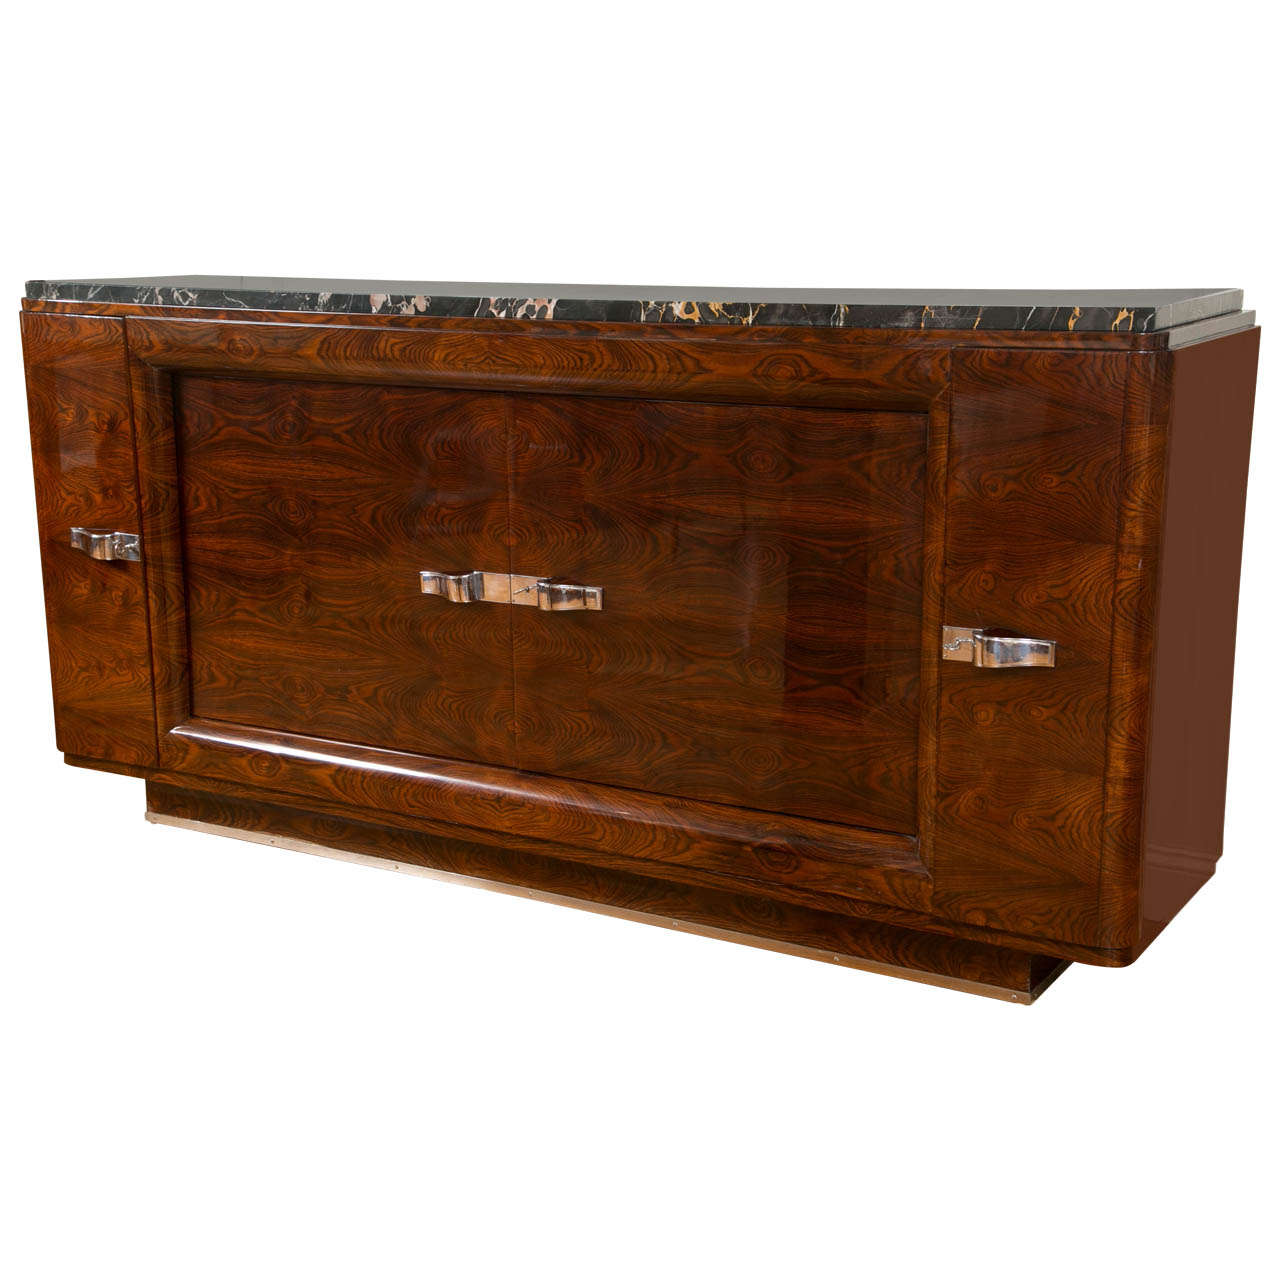 french art moderne credenza sideboard at 1stdibs. Black Bedroom Furniture Sets. Home Design Ideas